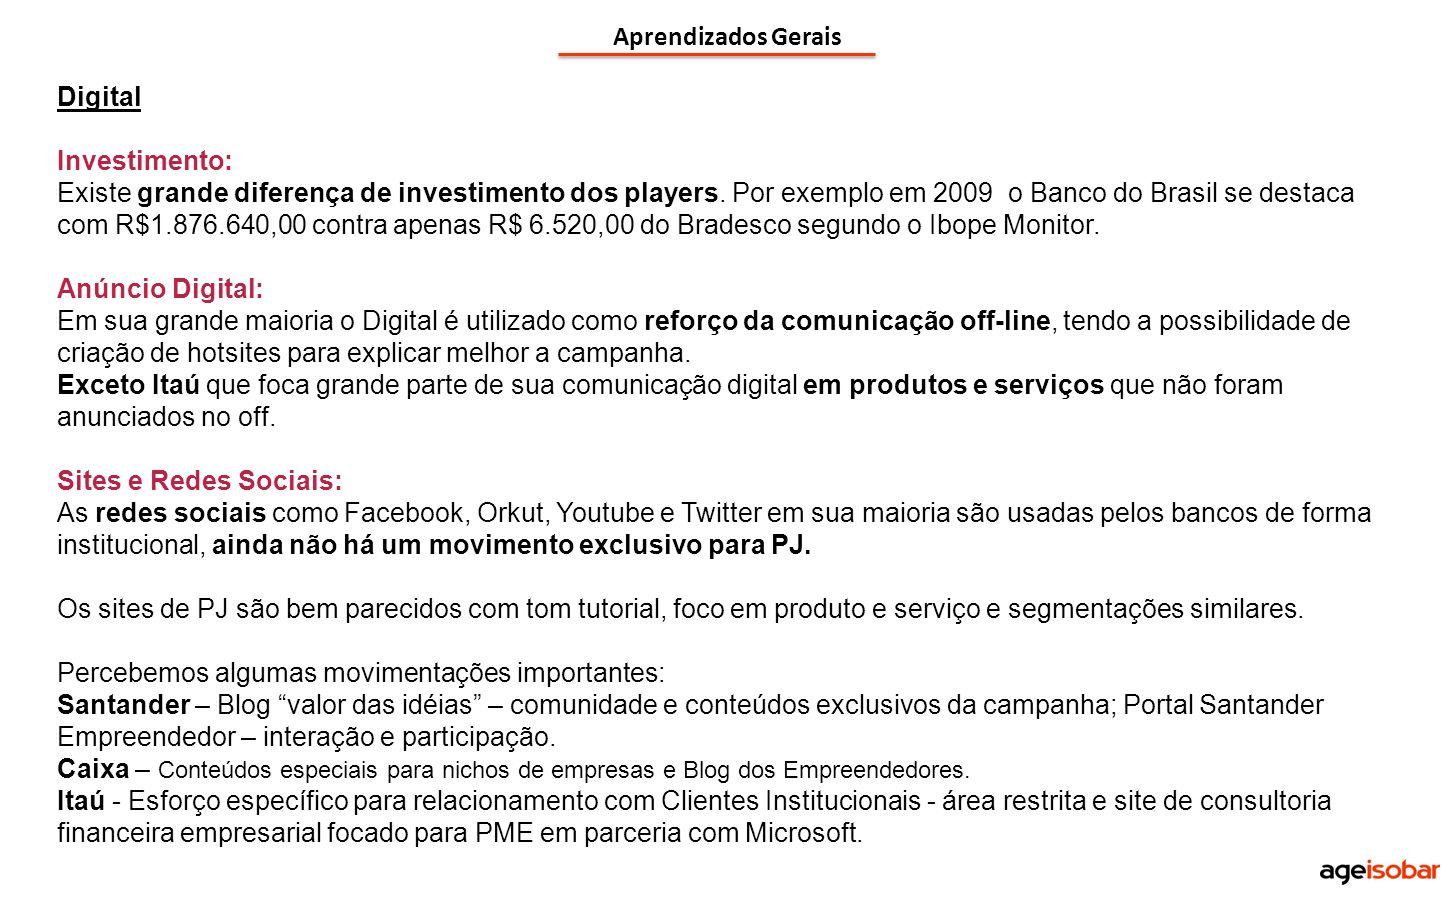 Aprendizados Gerais Digital Investimento: Existe grande diferença de investimento dos players. Por exemplo em 2009 o Banco do Brasil se destaca com R$